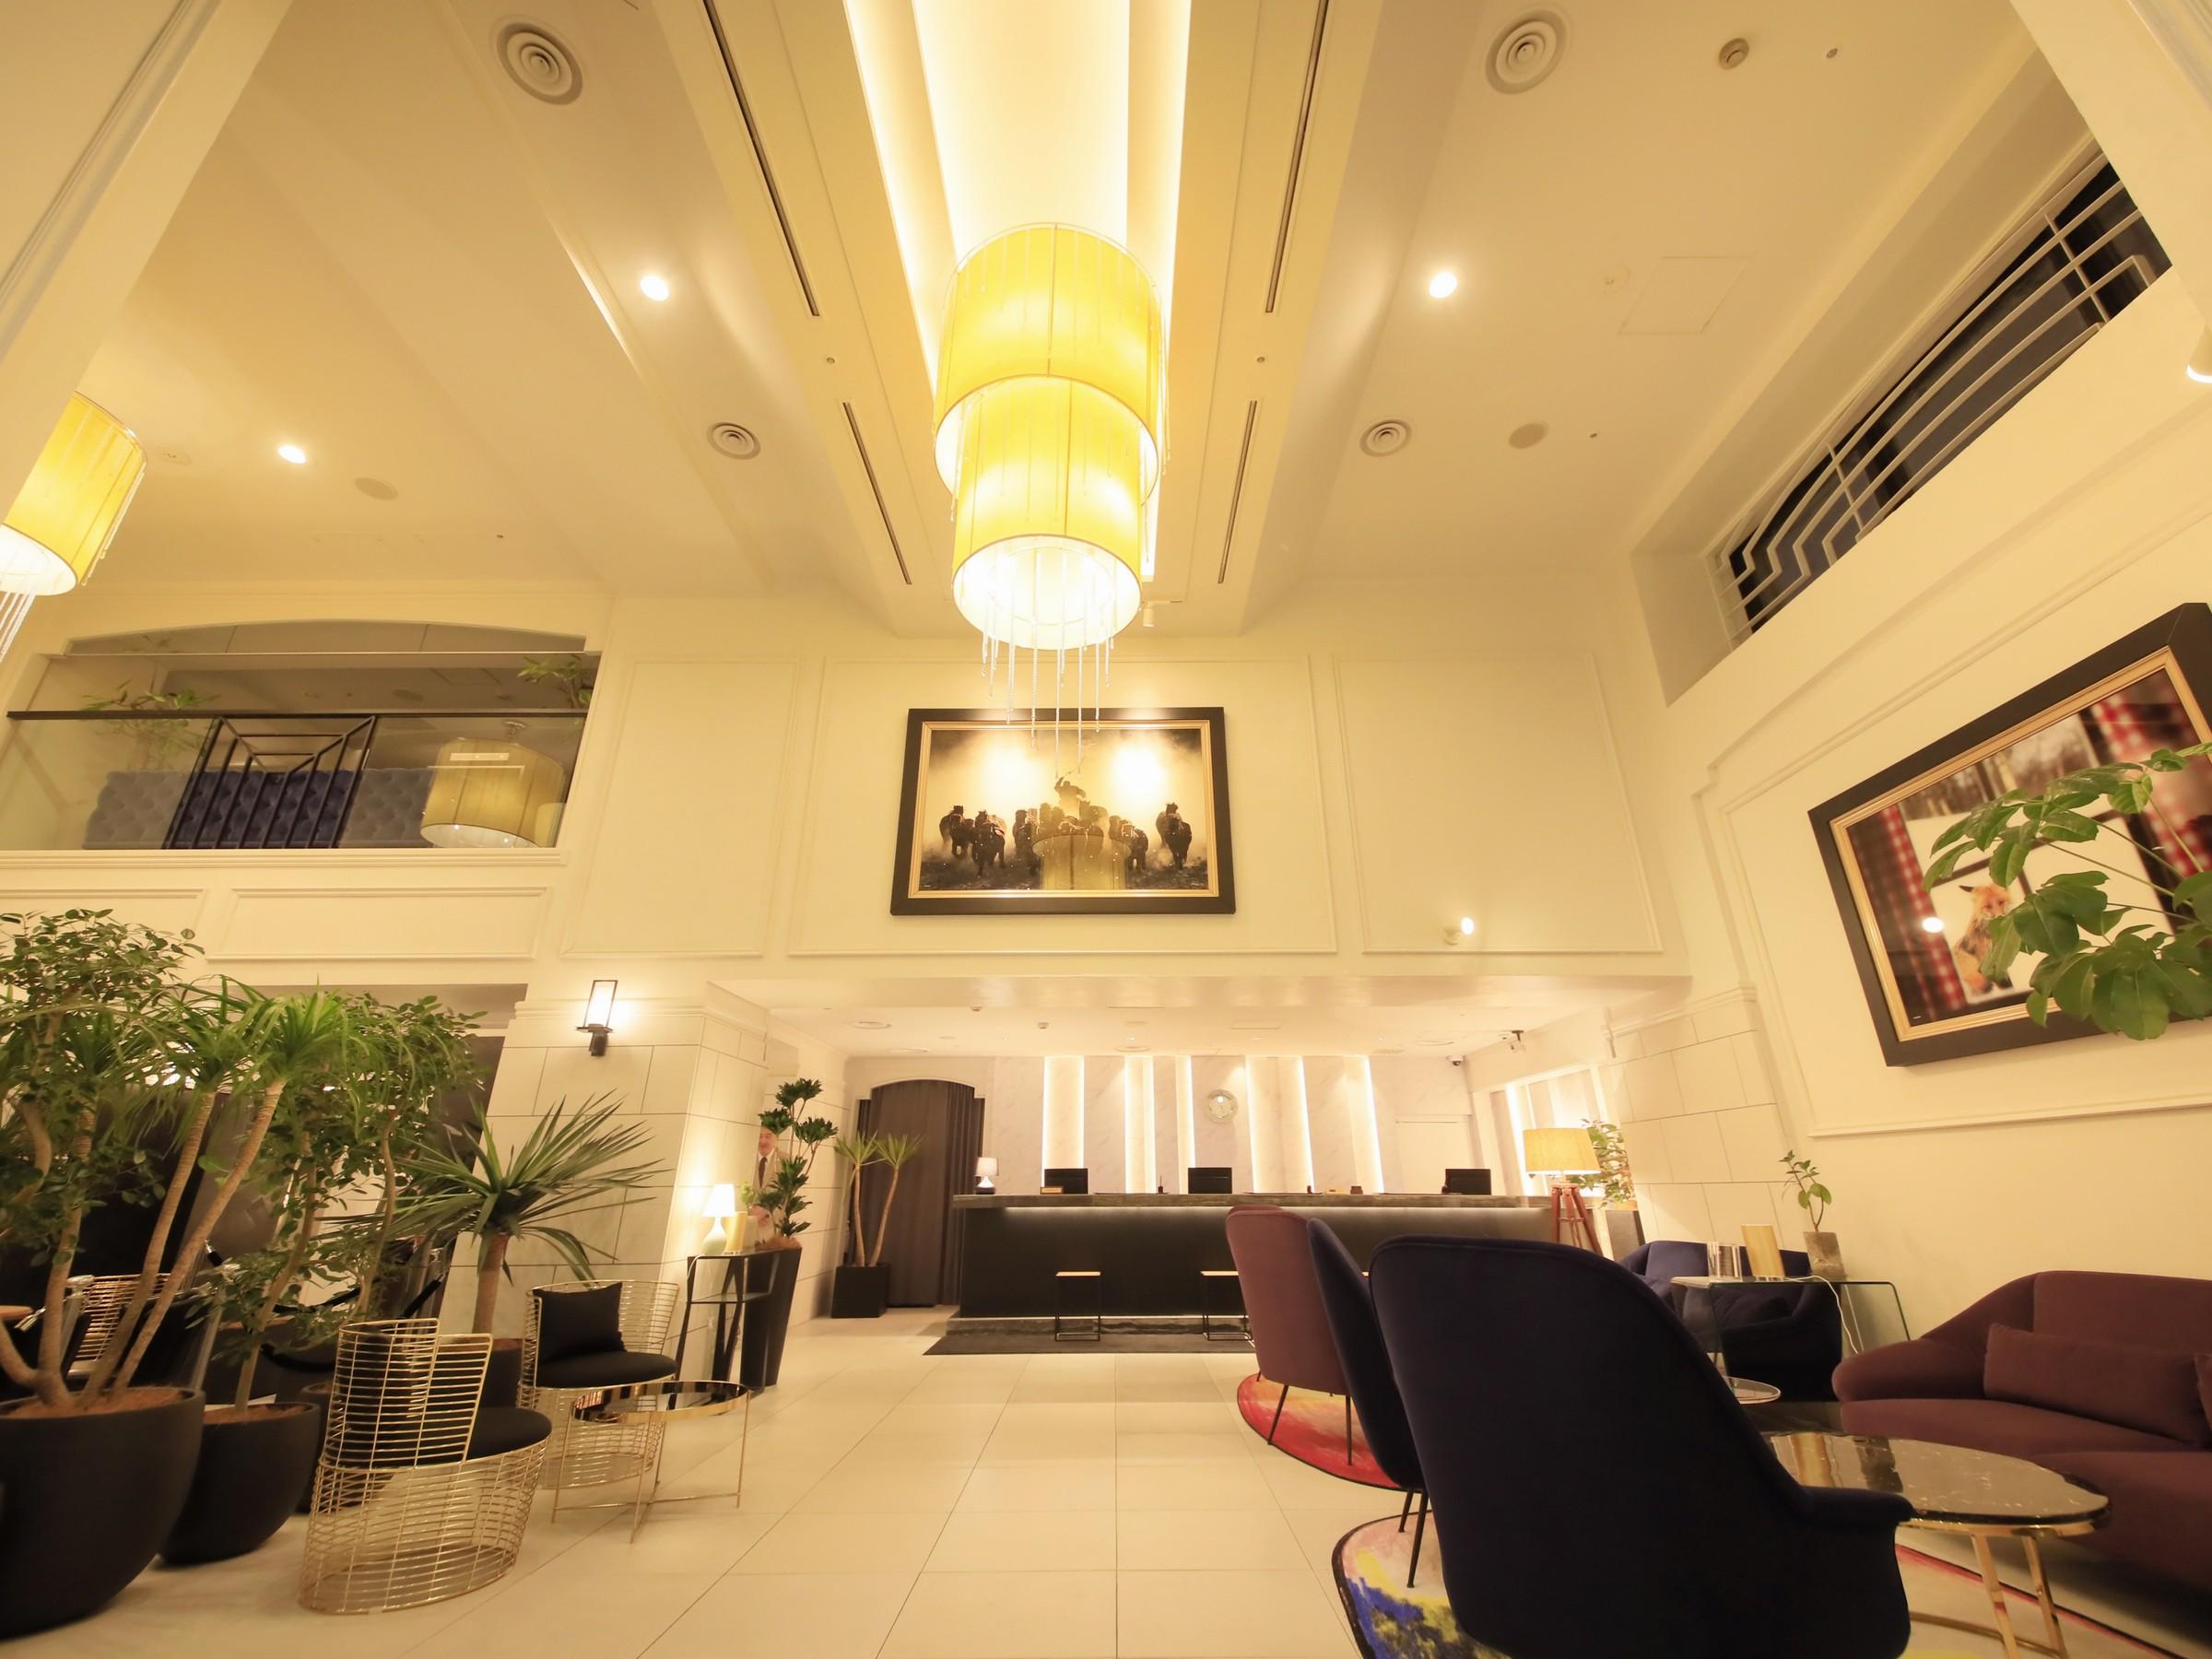 センチュリオン ホテル 札幌